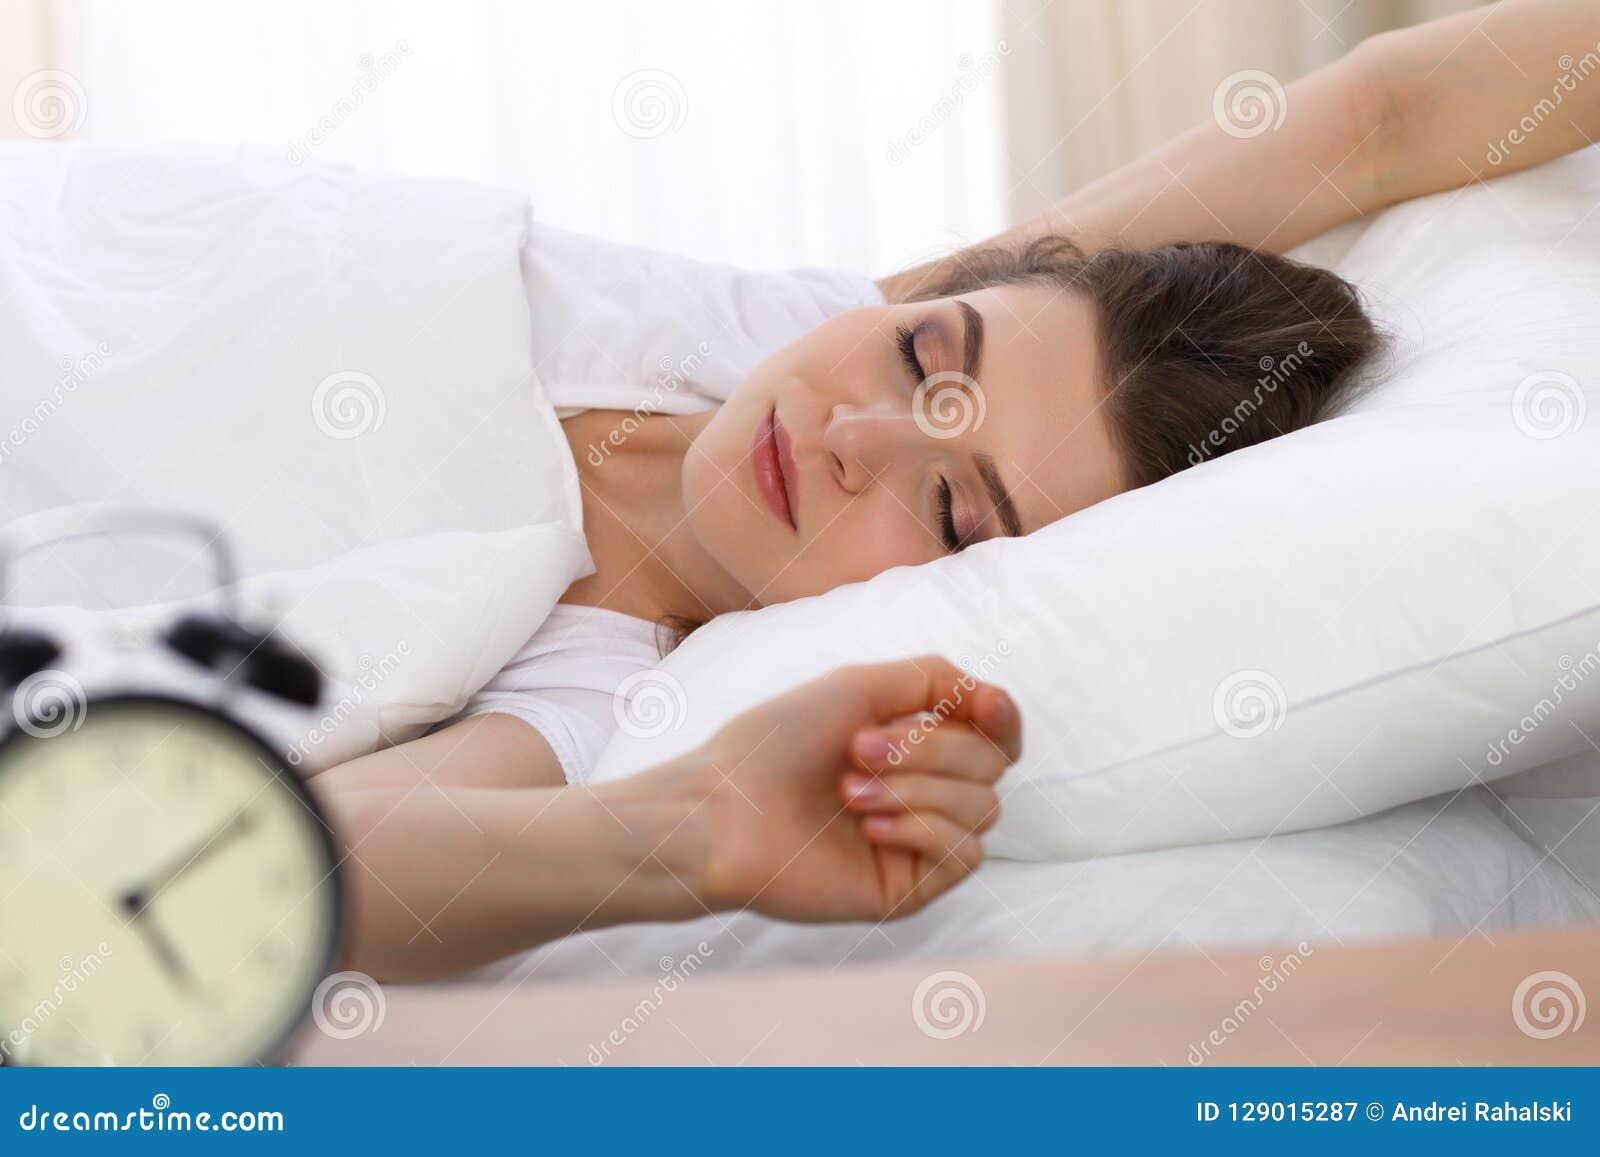 Belle jeune femme dormant tout en se situant dans son lit Concept de rétablissement agréable et de repos pendant la vie active